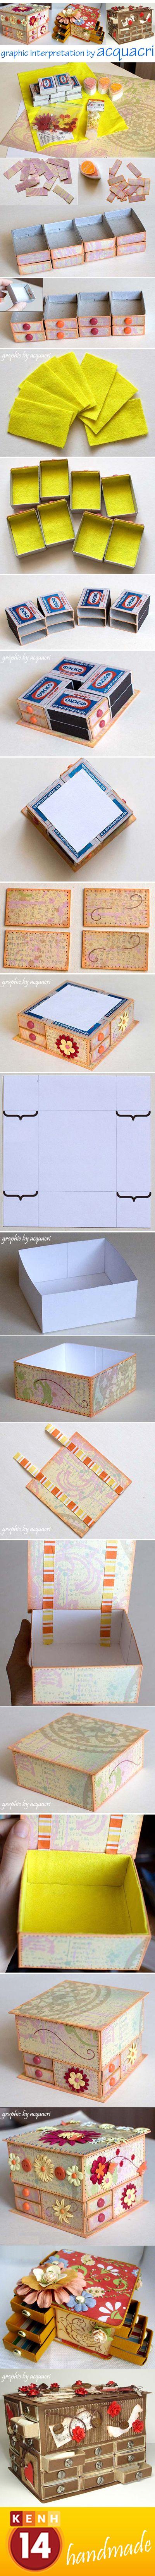 Crea un porta oggetti a cassetti con le scatoline di fiammiferi! | #DIY #faidate            #riciclo #handmade #scatole #box #ideecreative #riciclocreativo #ministorage